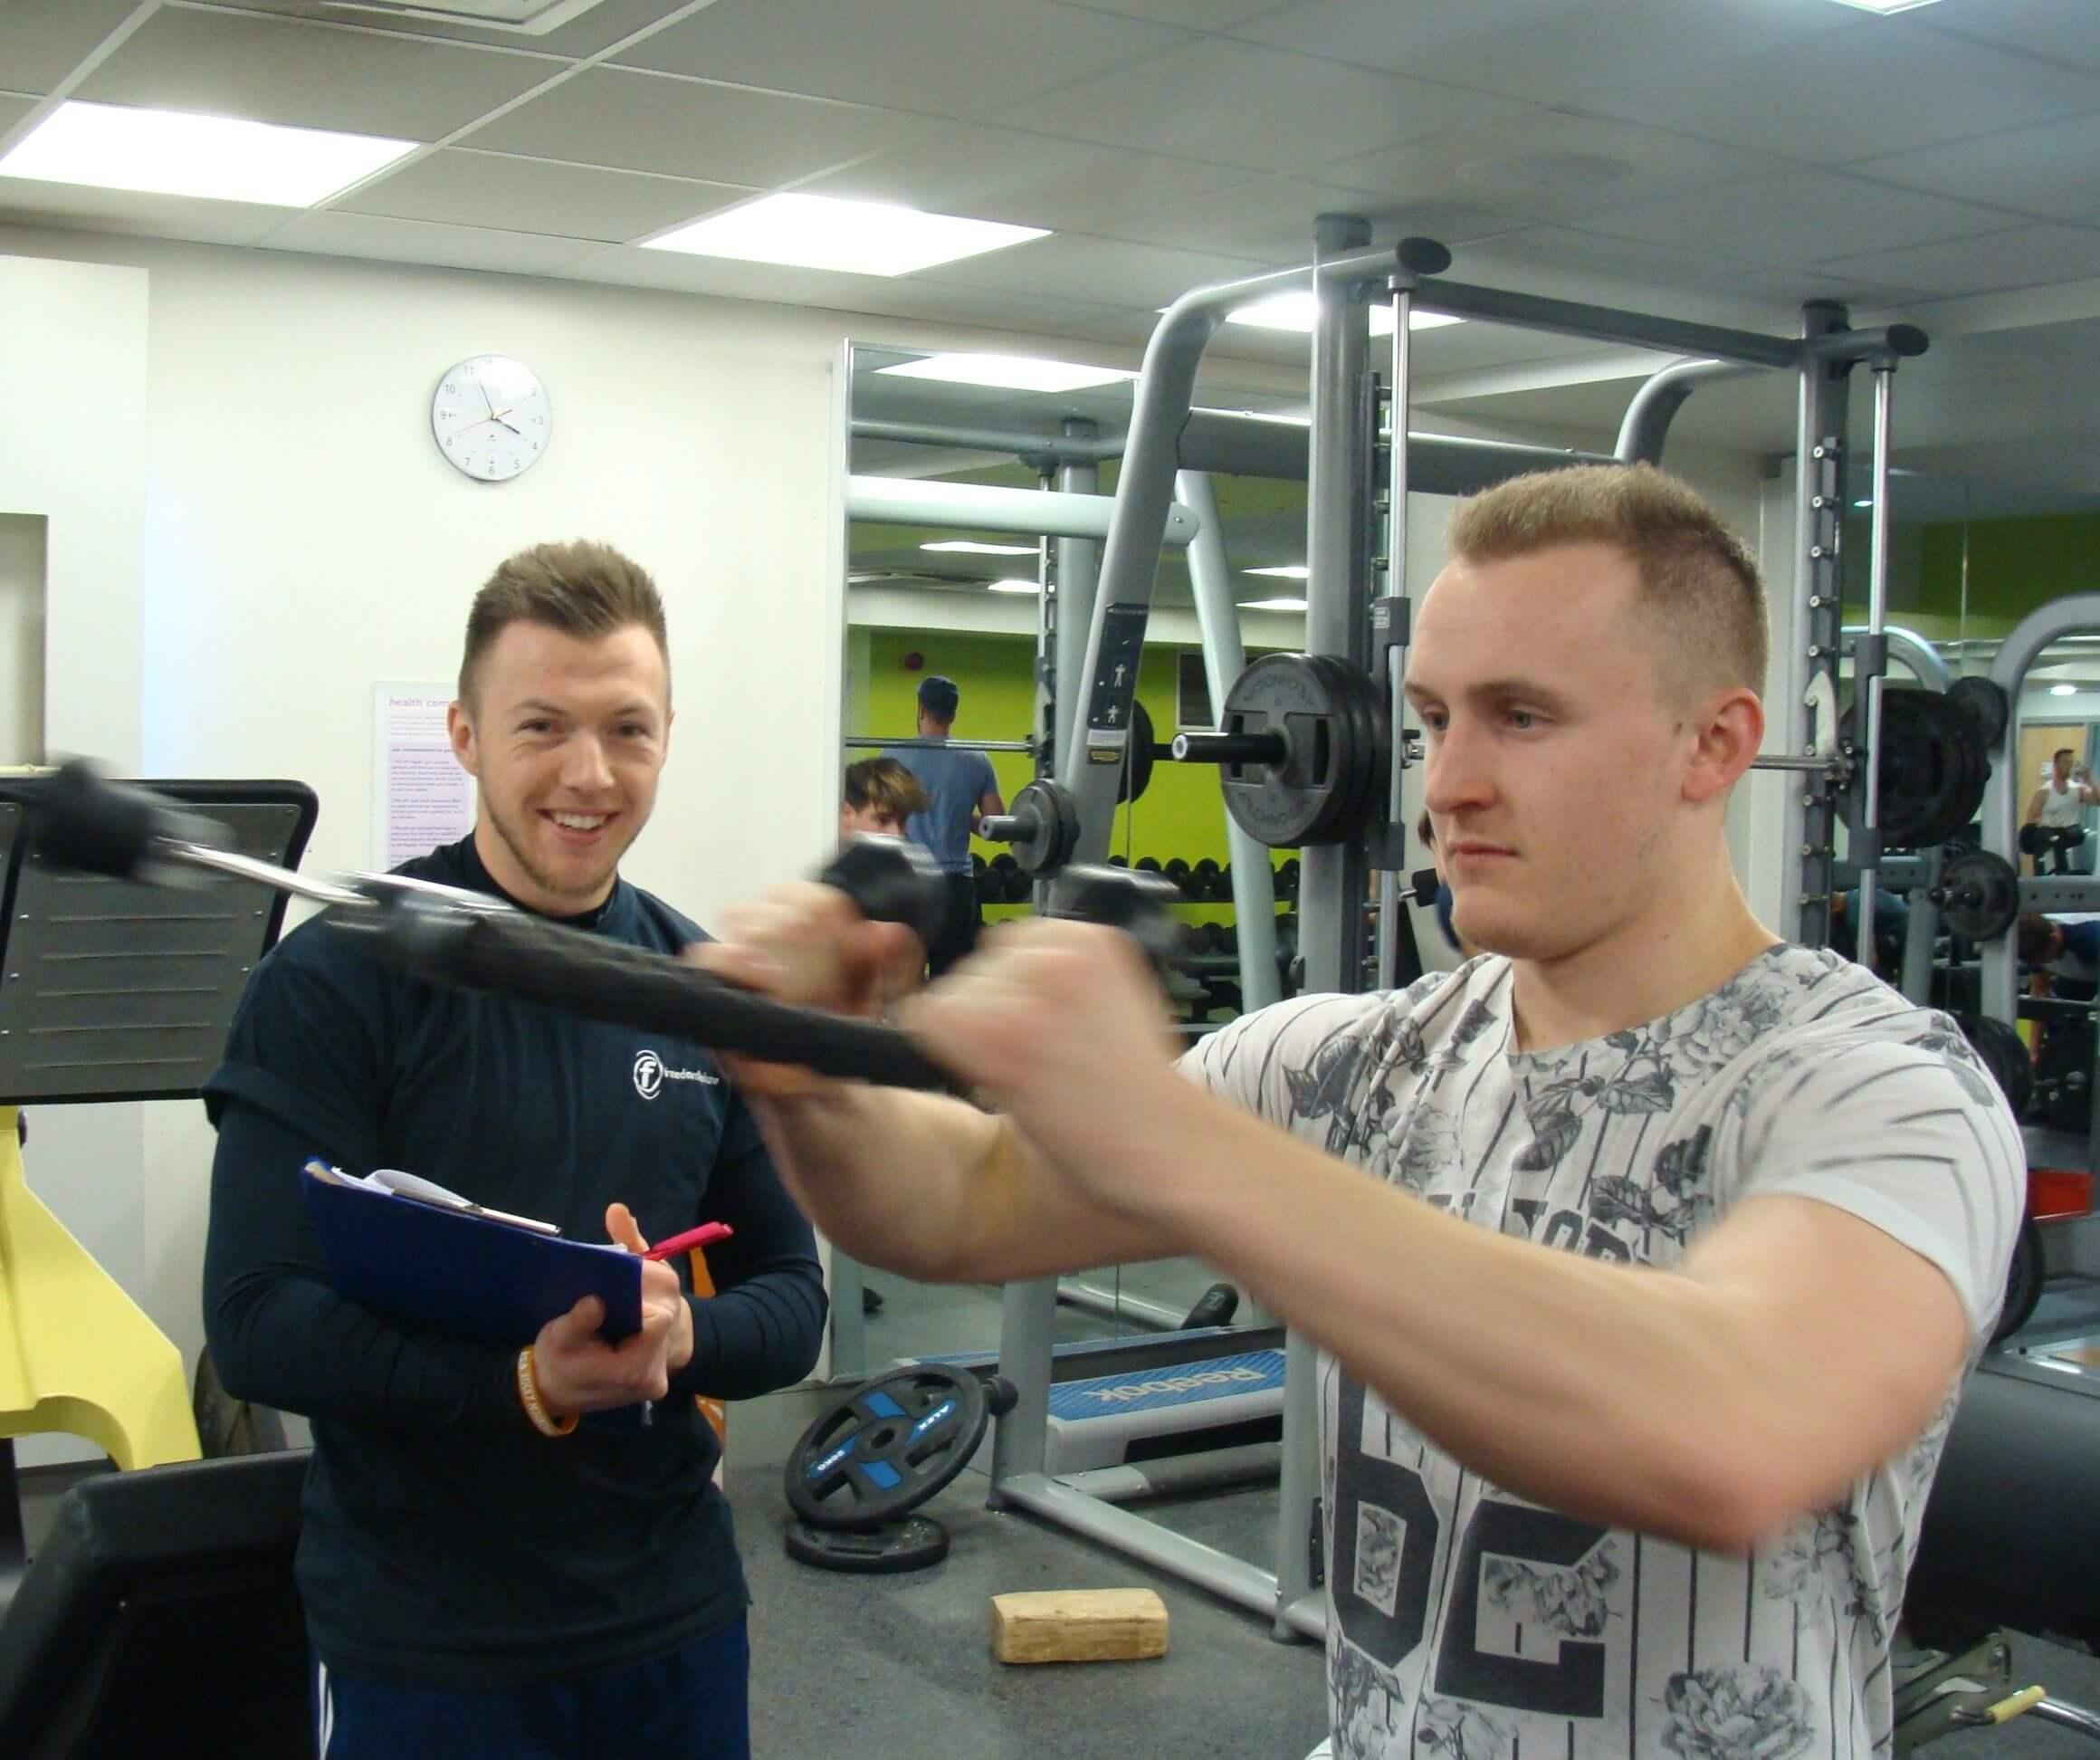 在健身房和私人教练一起锻炼